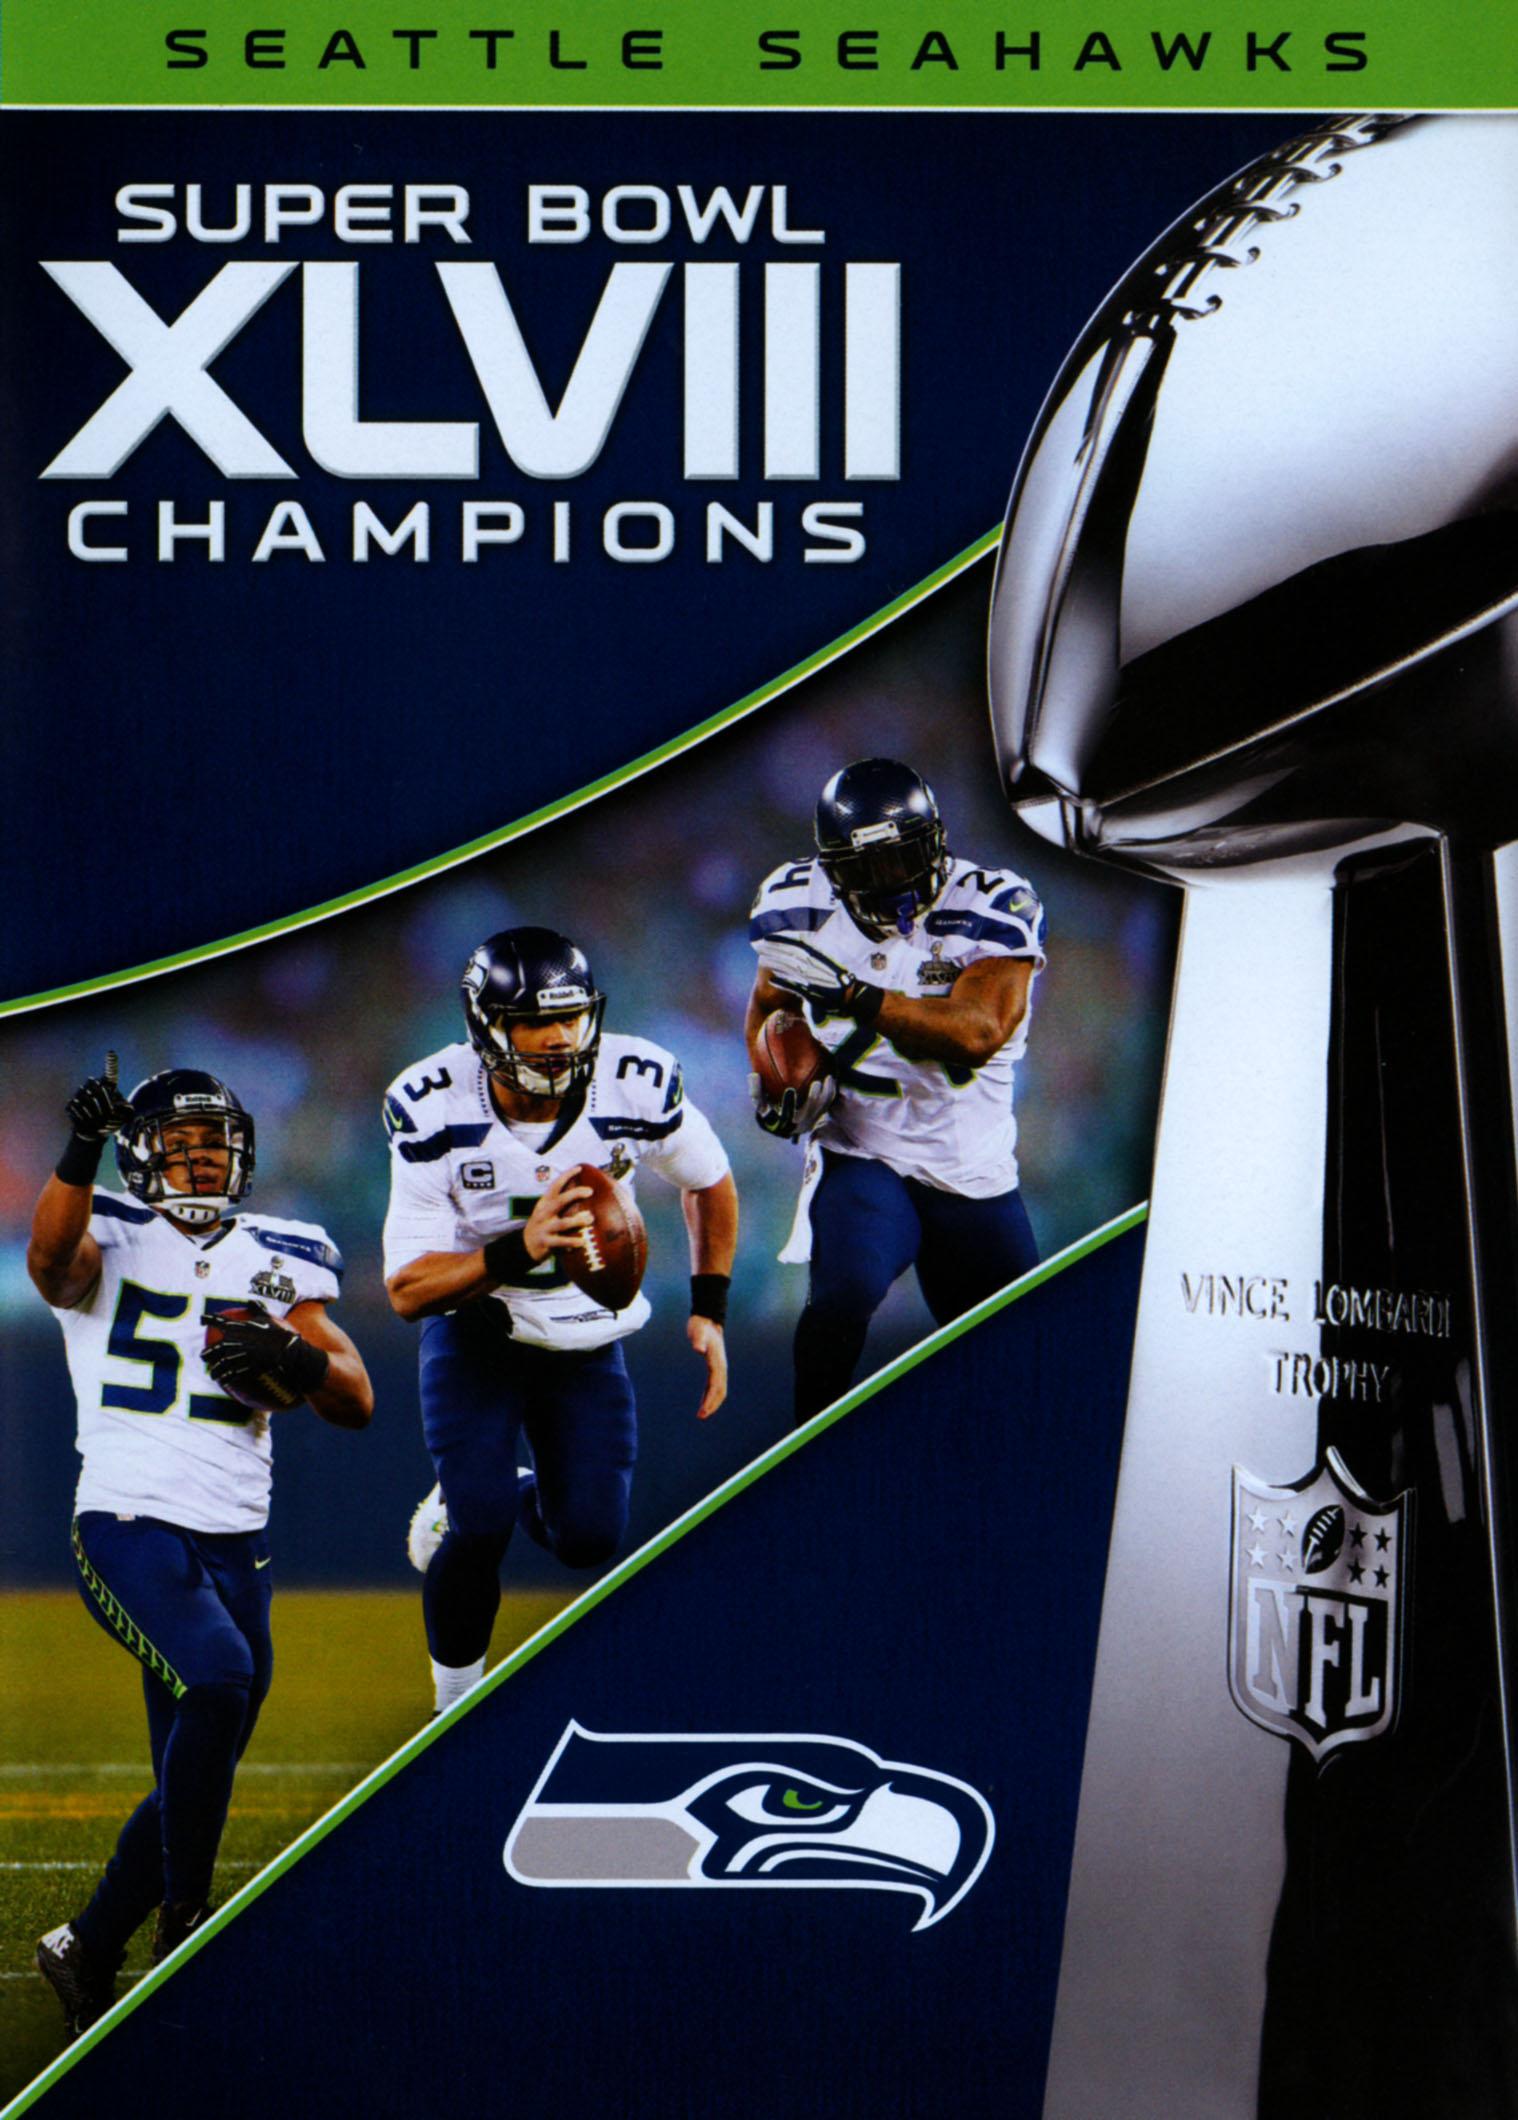 Nfl: Super Bowl Xlviii Champions (dvd) 3538116